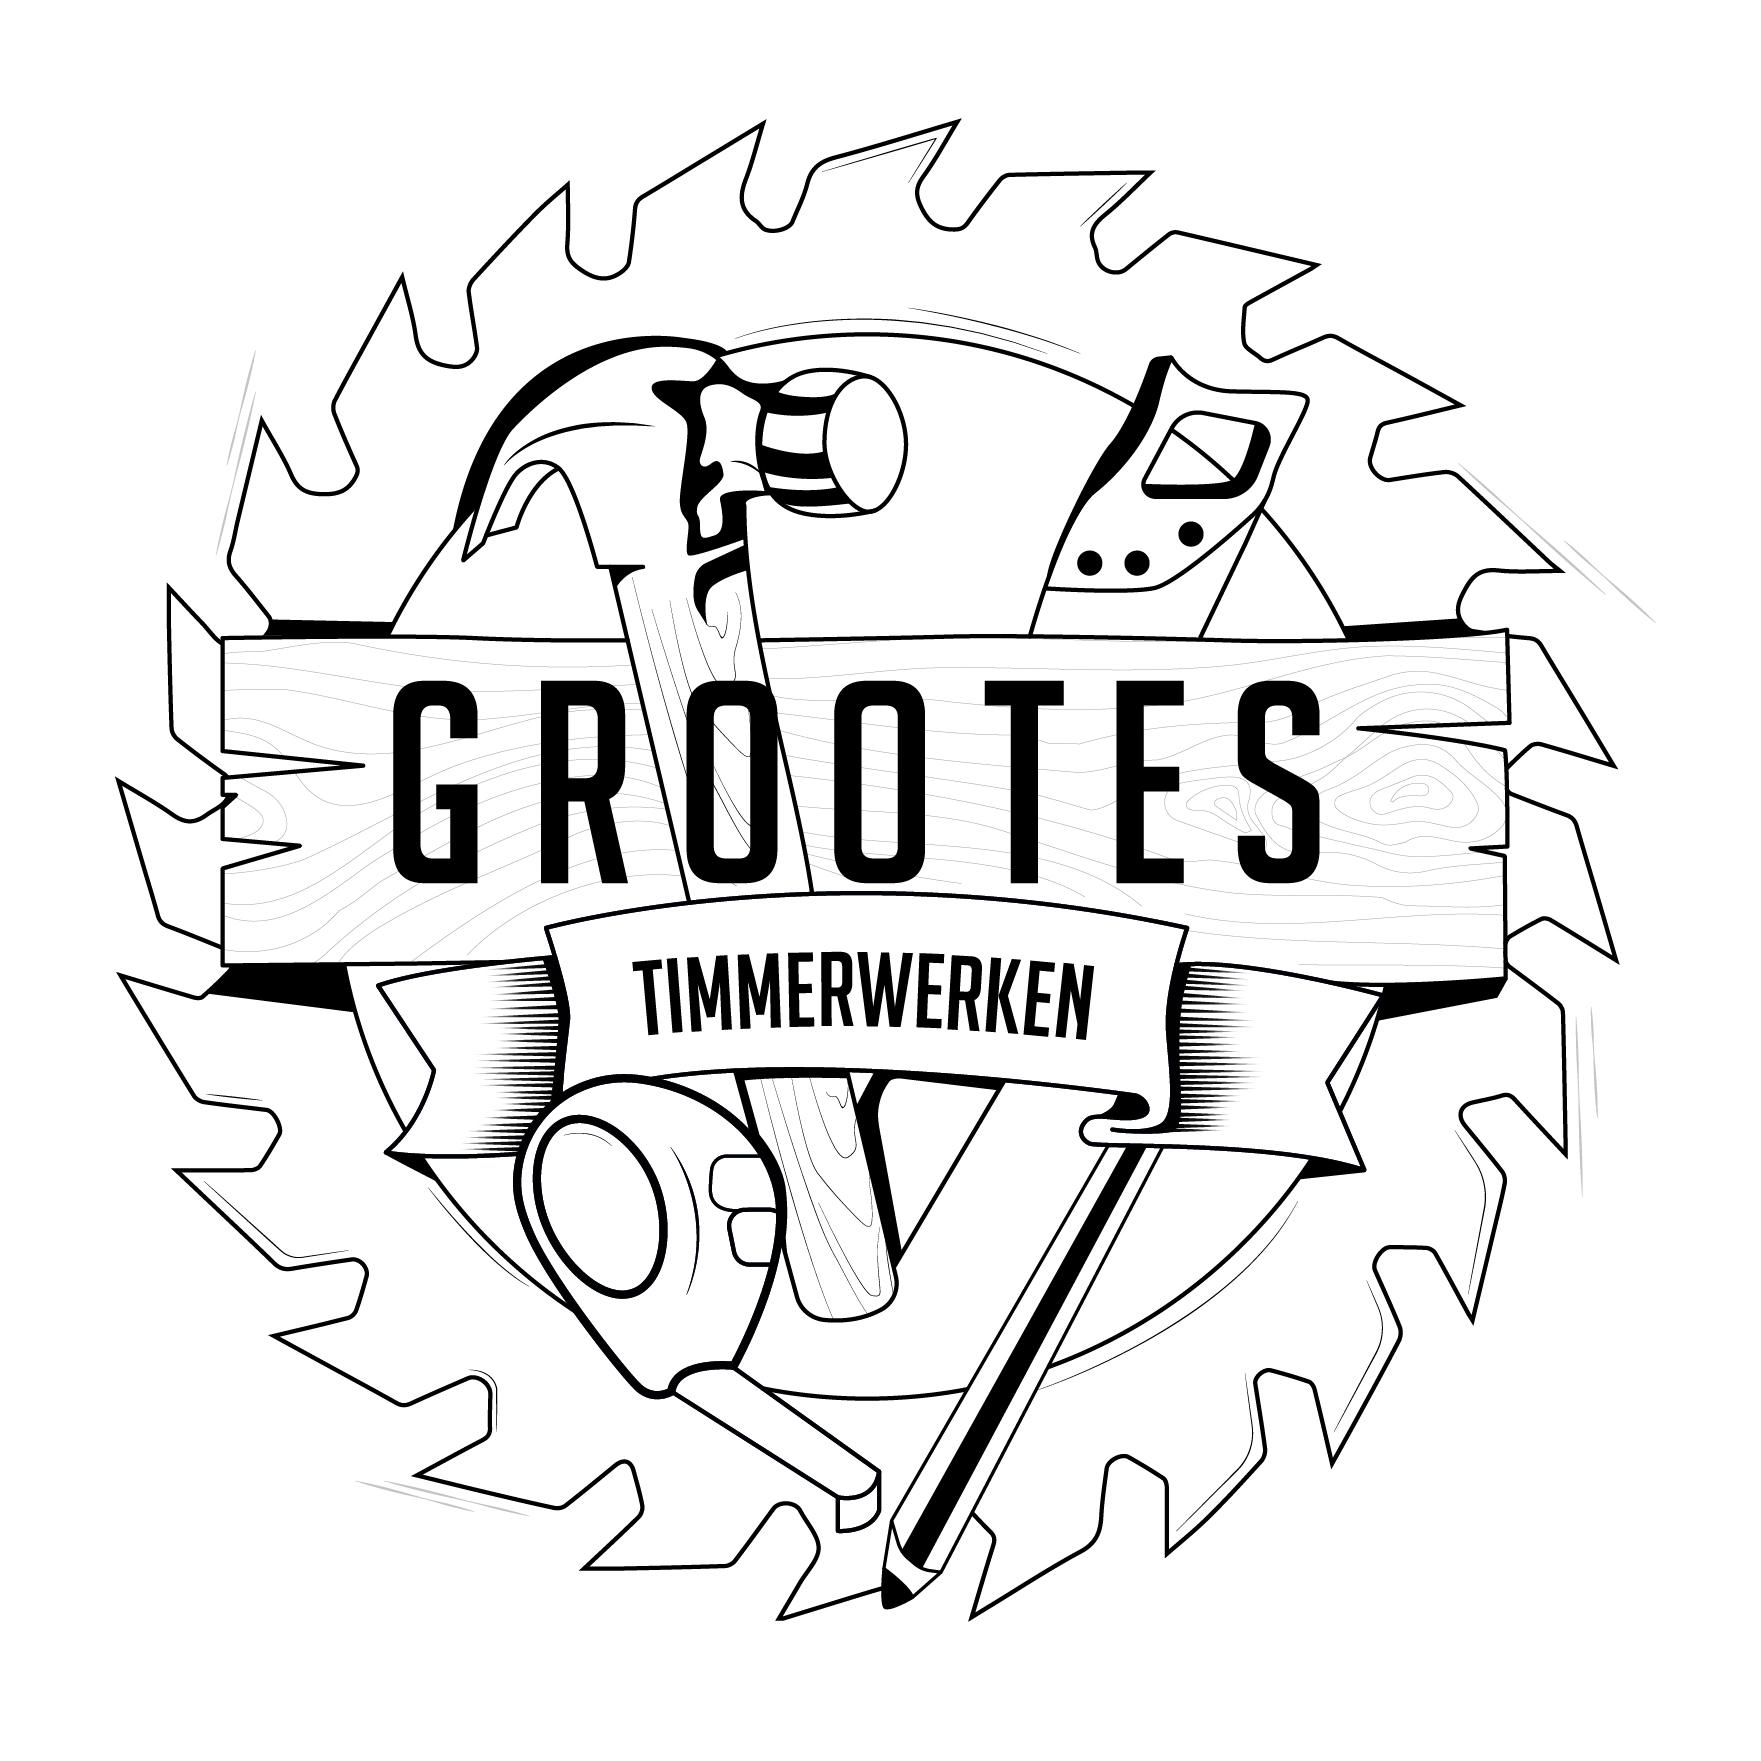 Grootes timmerwerken (logo).jpg